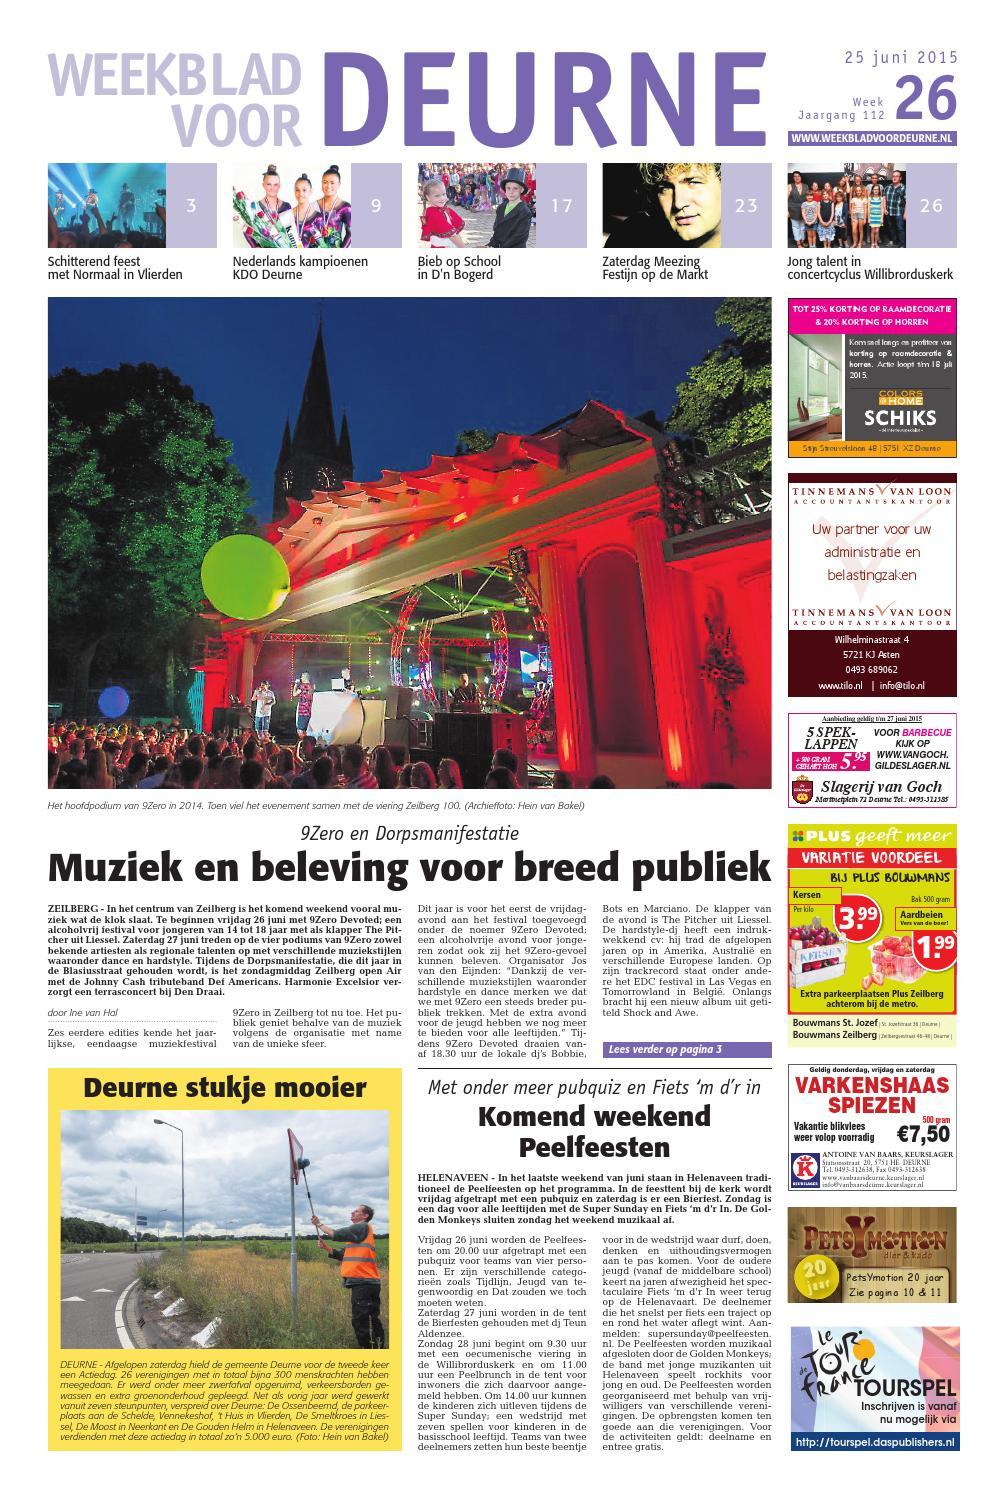 Decoratie raamdecoratie deurne : ISSUU - Weekblad voor Deurne wk26 by Das Publishers!